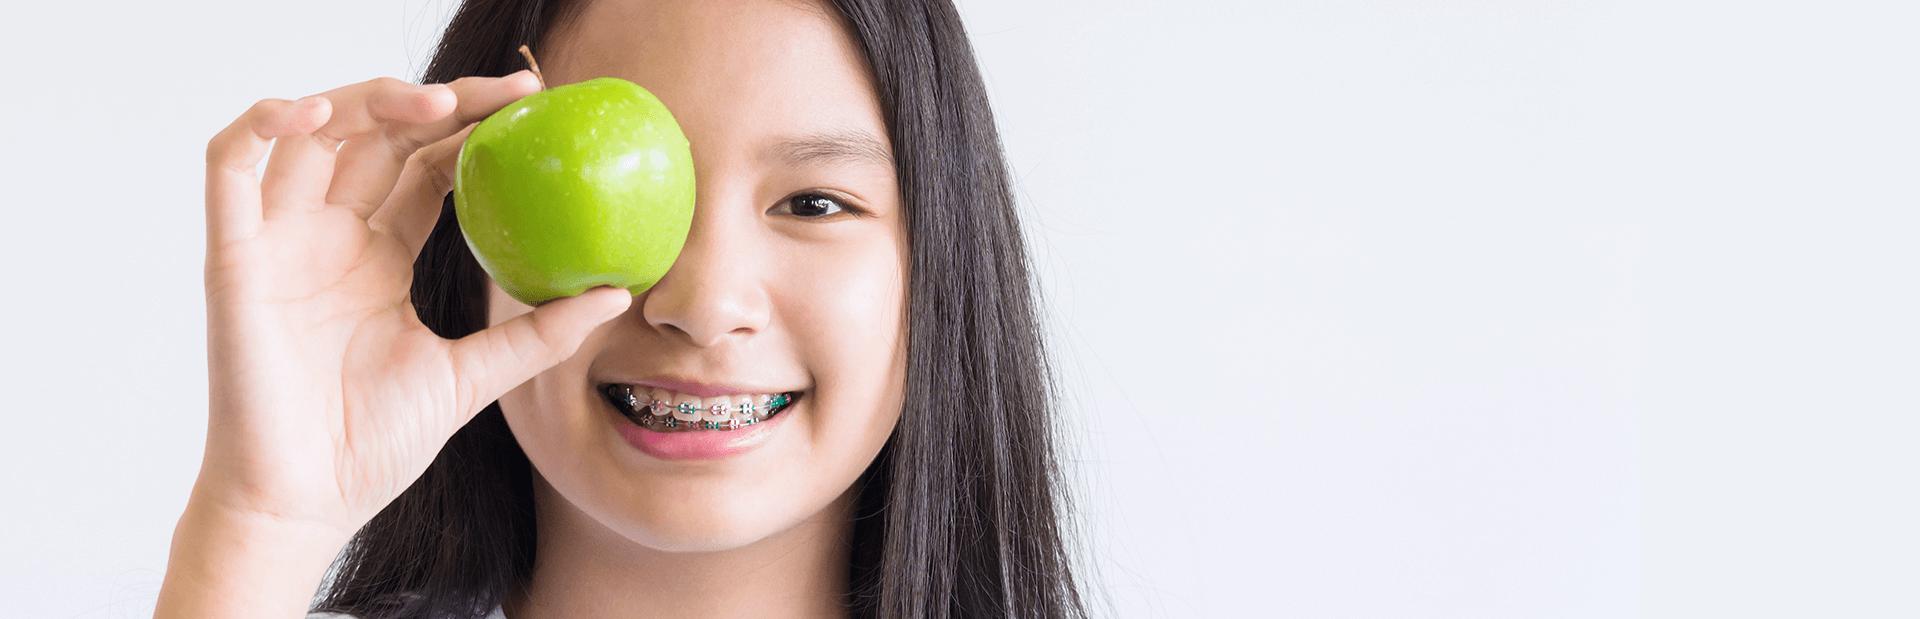 Perhatikan 7 Hal Ini Jika Akan Memasang Kawat Gigi Pada Anak - Aloclair 1df5fabdec